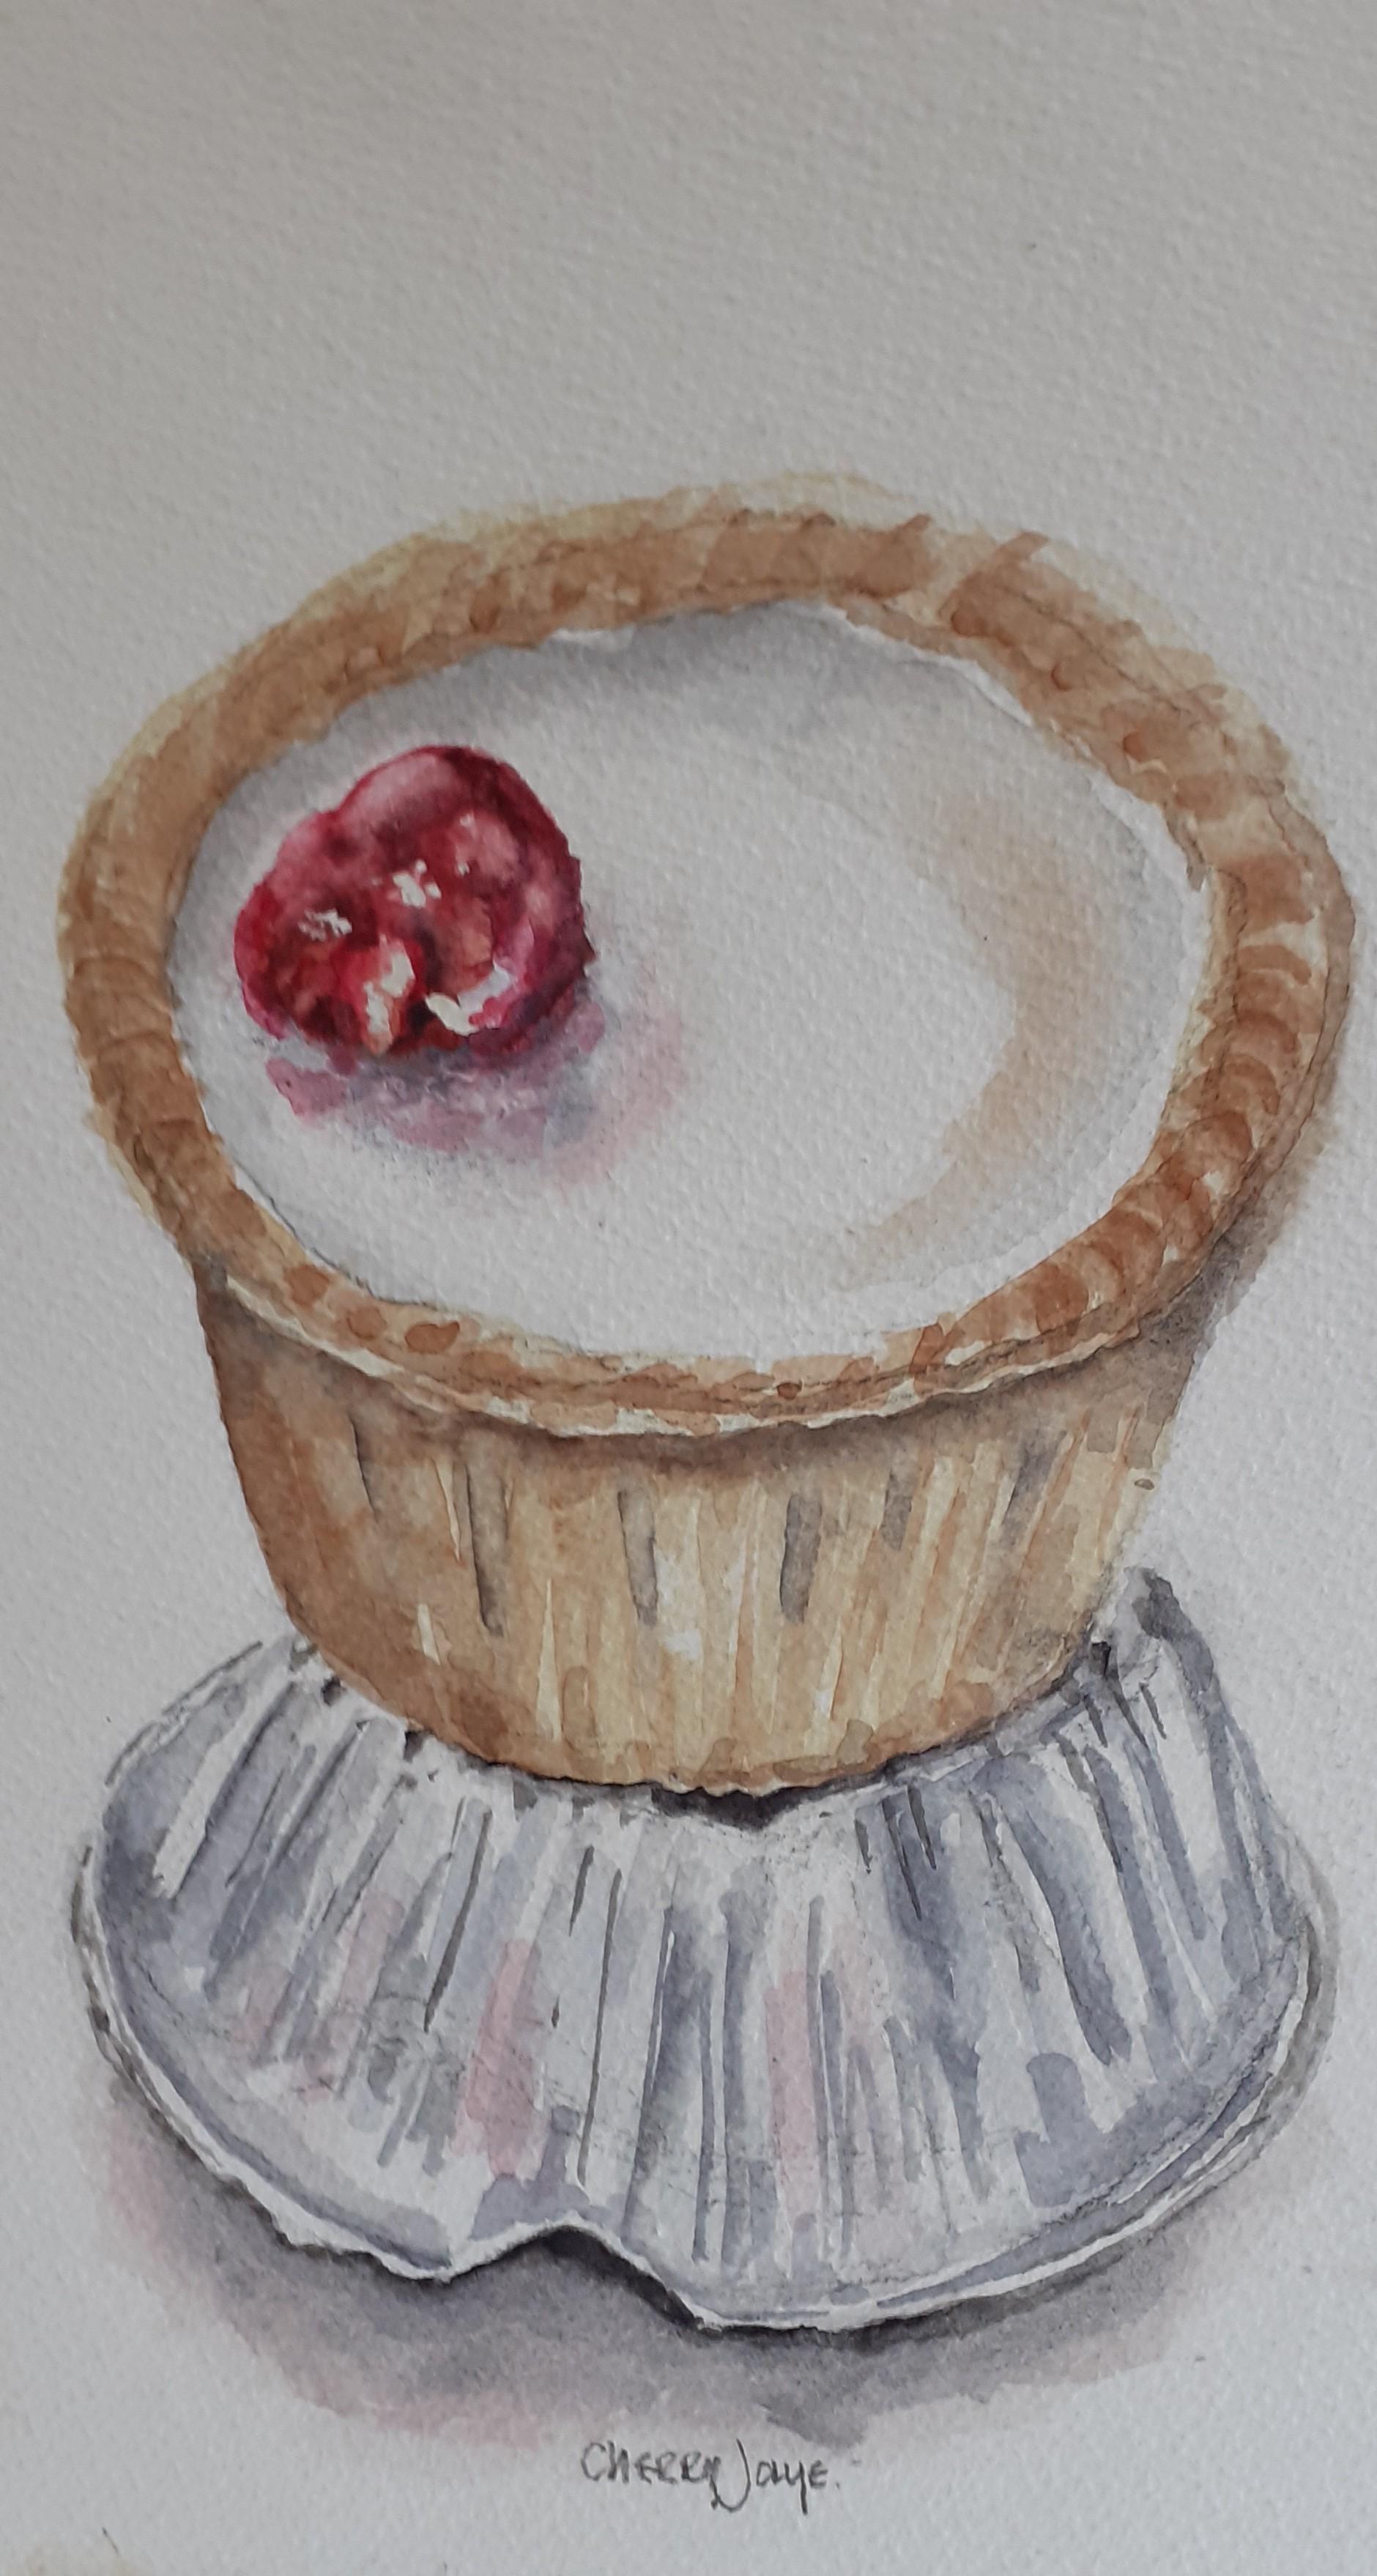 bakewell cherry jaye